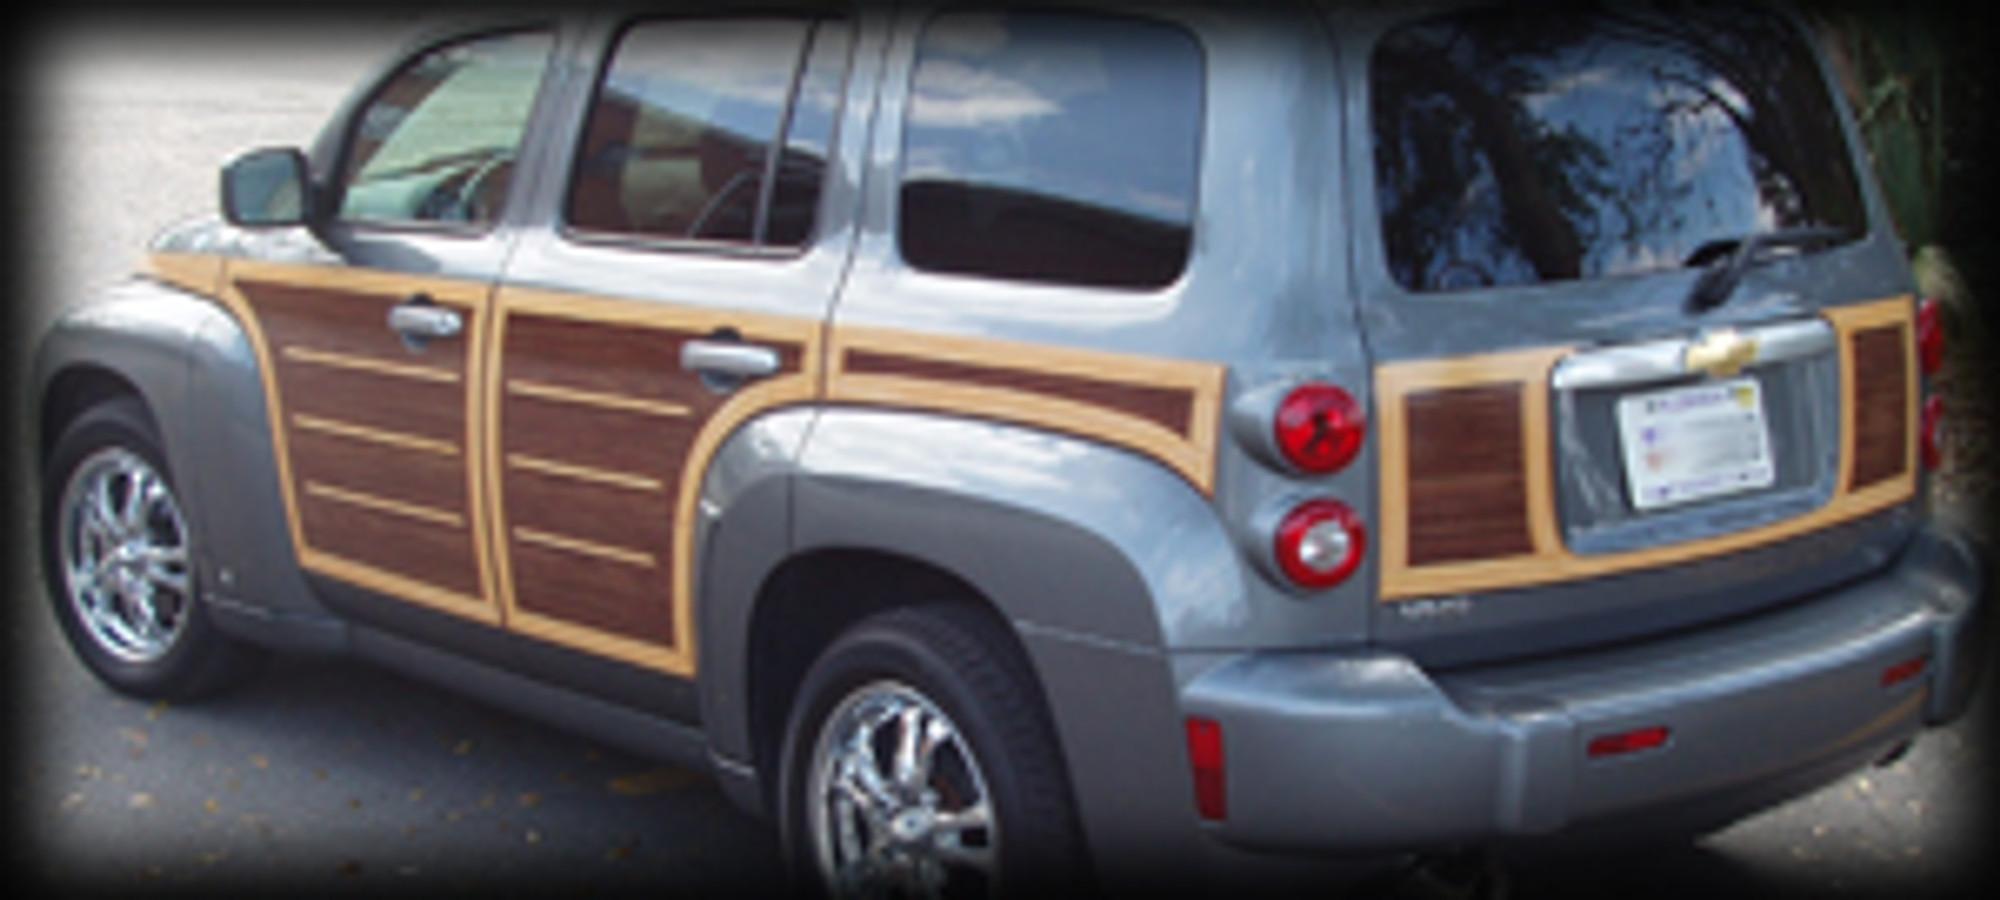 Buy Chevrolet Hhr Woody Kit Vinyl Graphic Kit